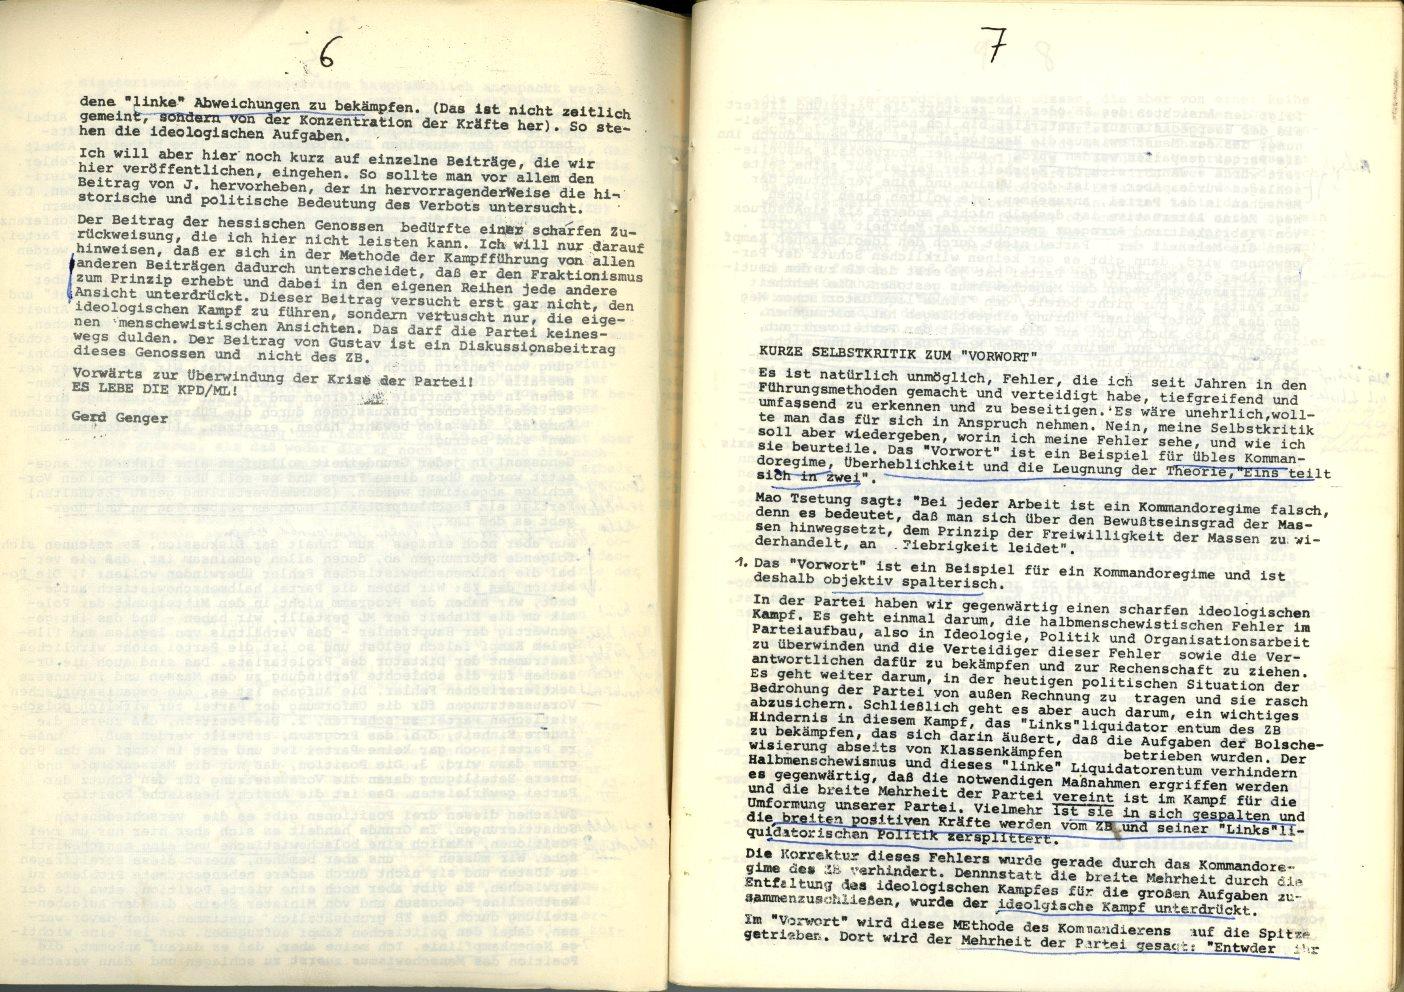 ZB_1972_Diskussionsorgan_zur_ersten_Parteikonferenz_05